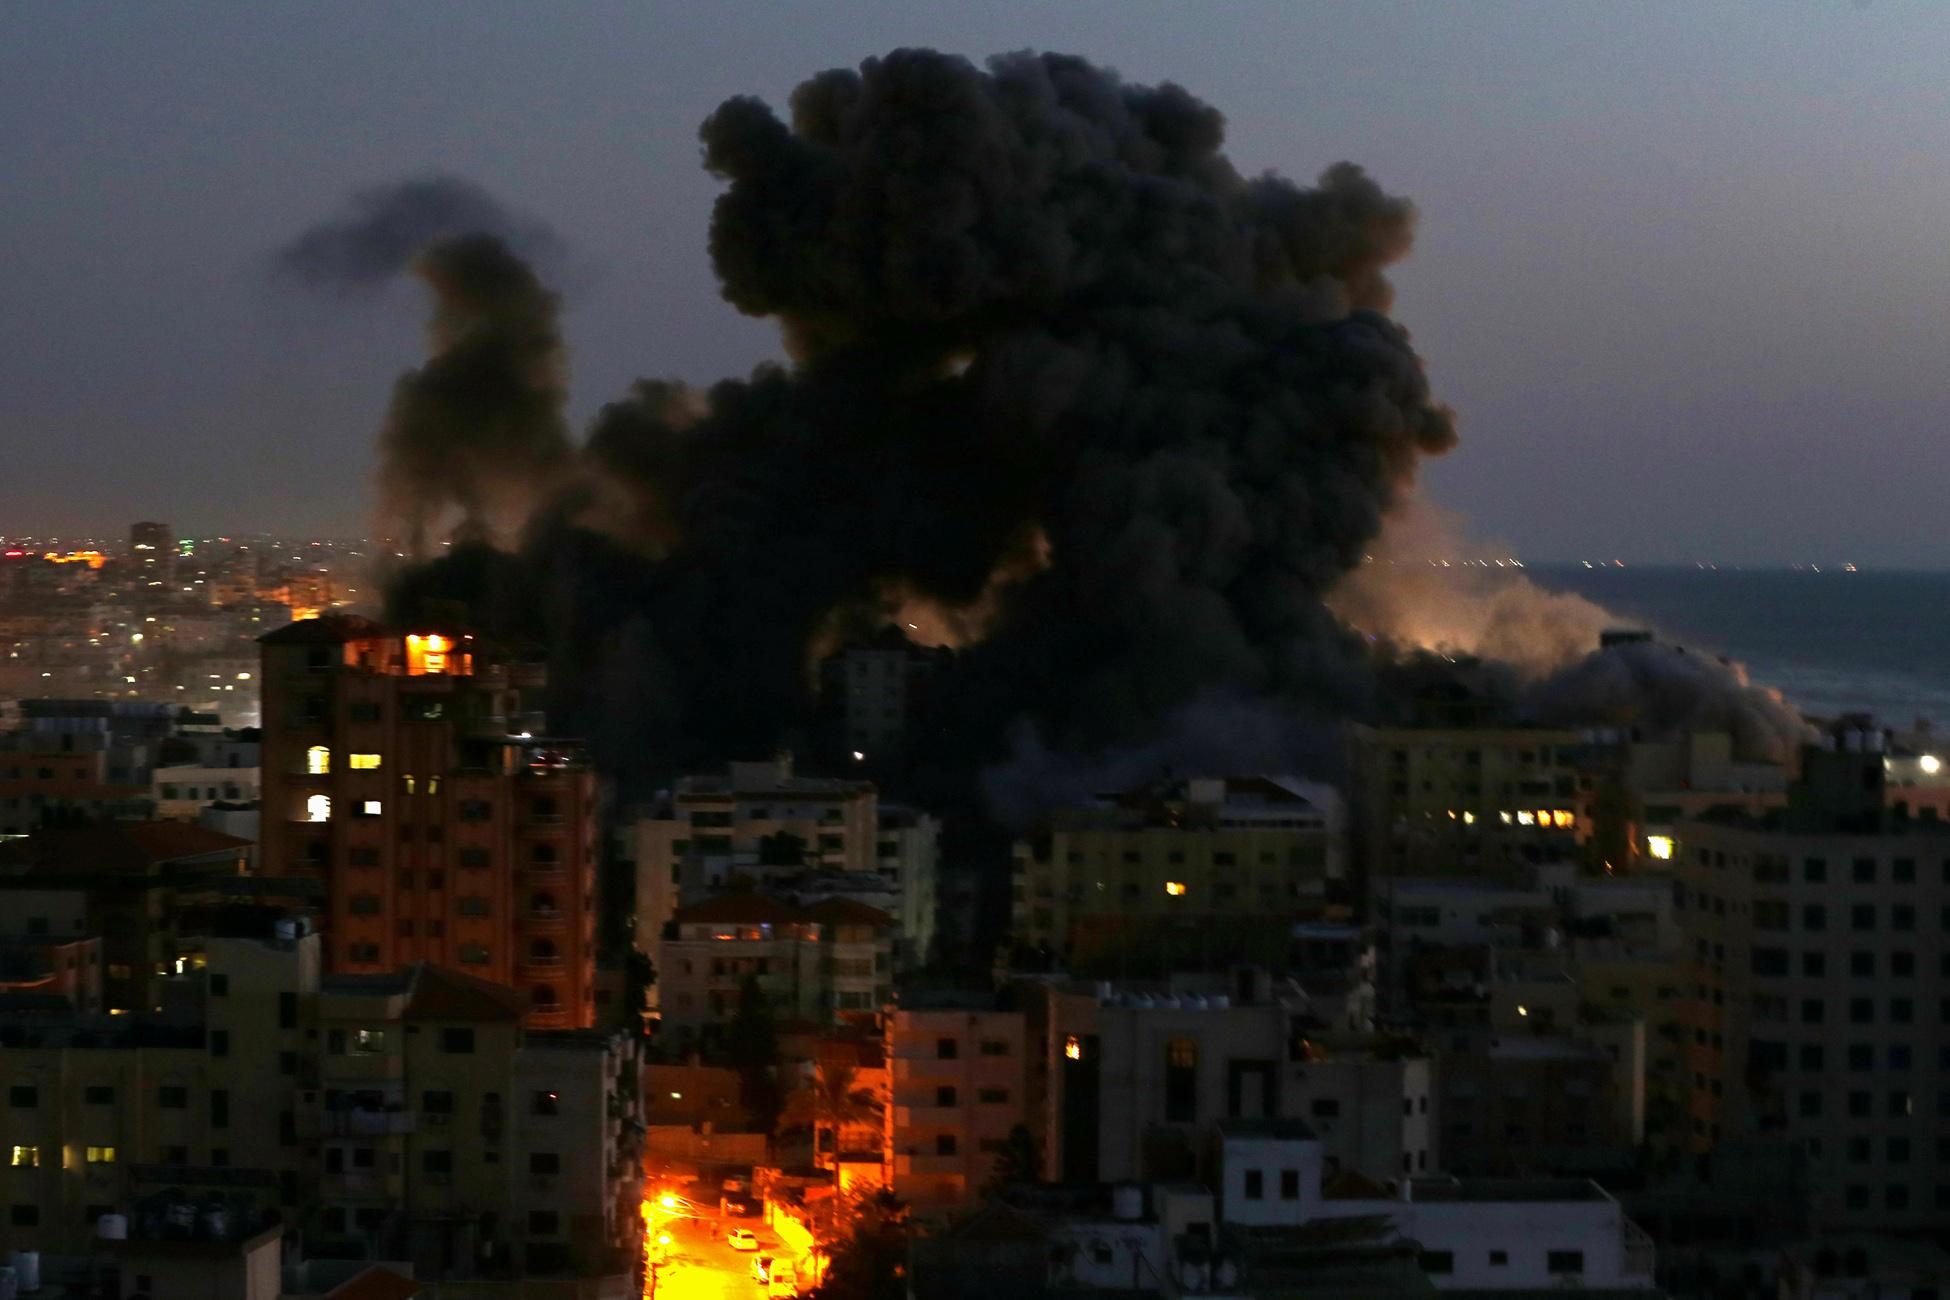 ΟΗΕ: Νέα έκτακτη συνεδρίαση για τις συγκρούσεις Ισραήλ – Παλαιστίνης